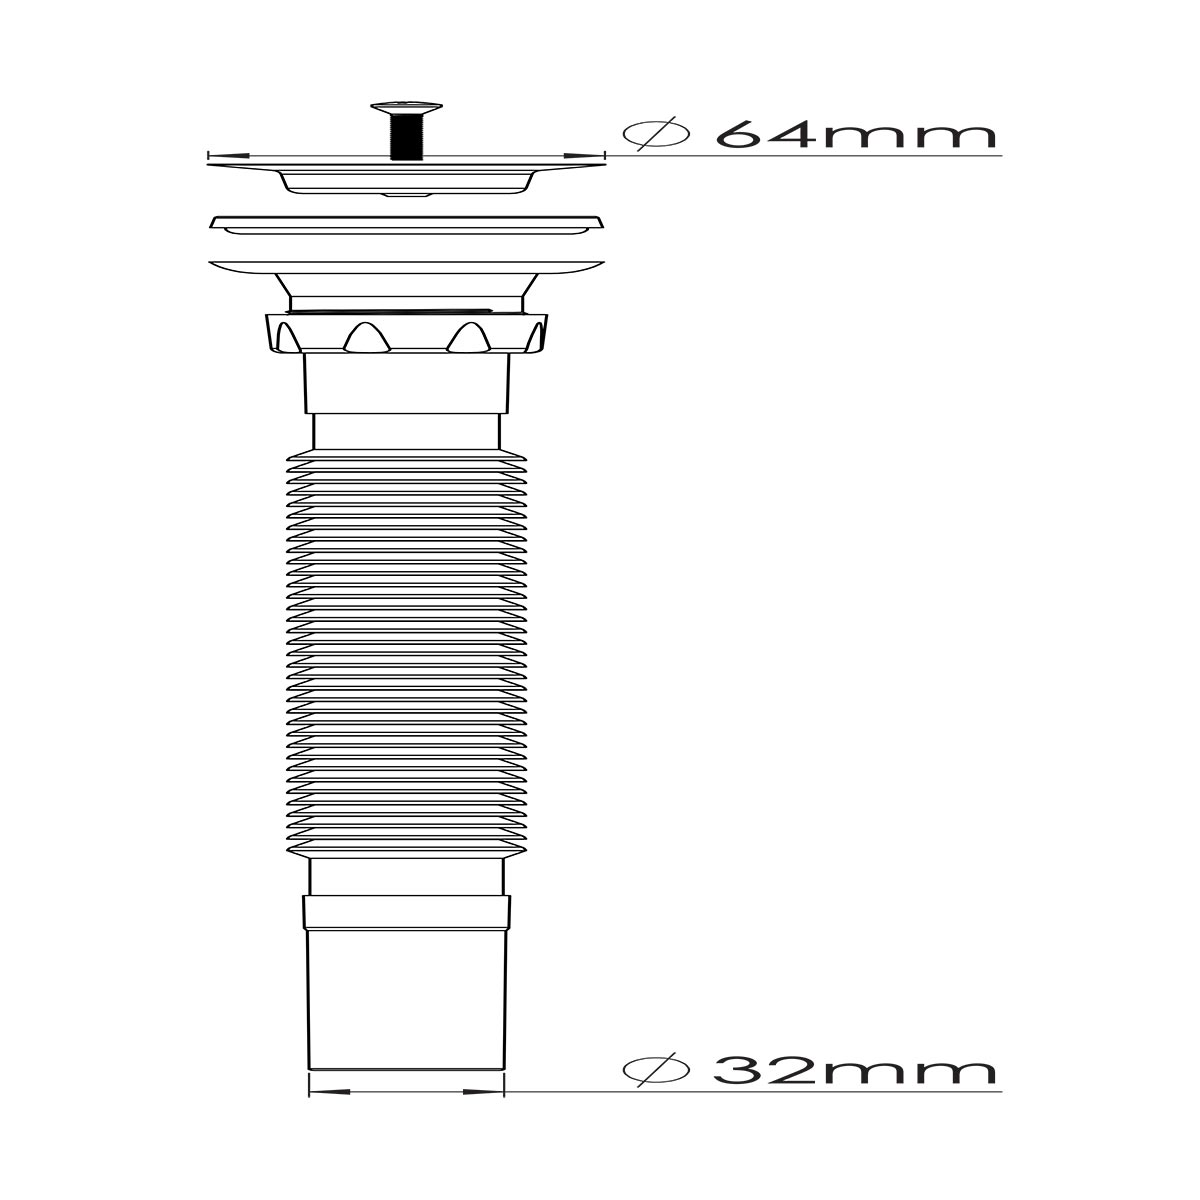 1 ¼ – Ø32, 430 Kalite Vida ve 64 mm Süzgeç